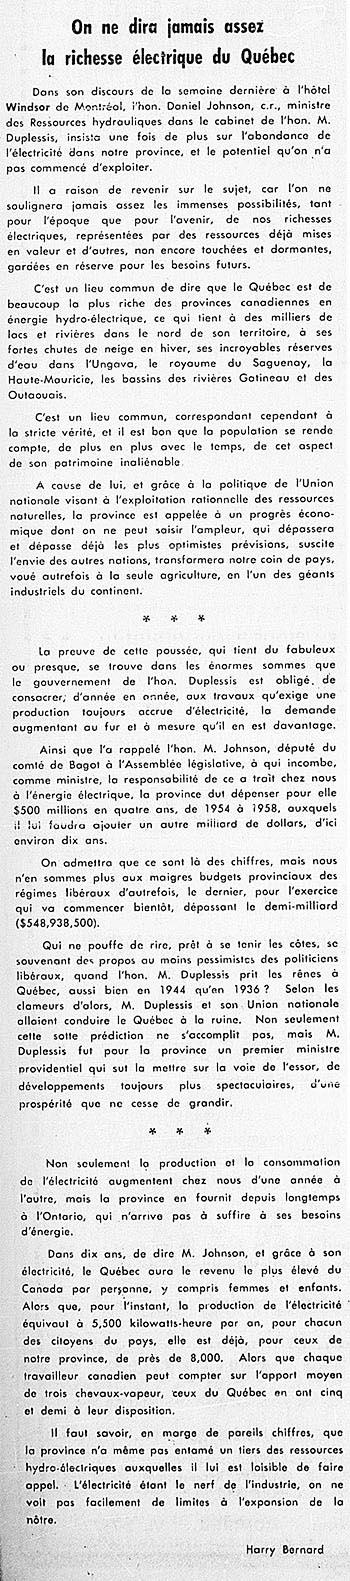 edito_5fevrier1959_350